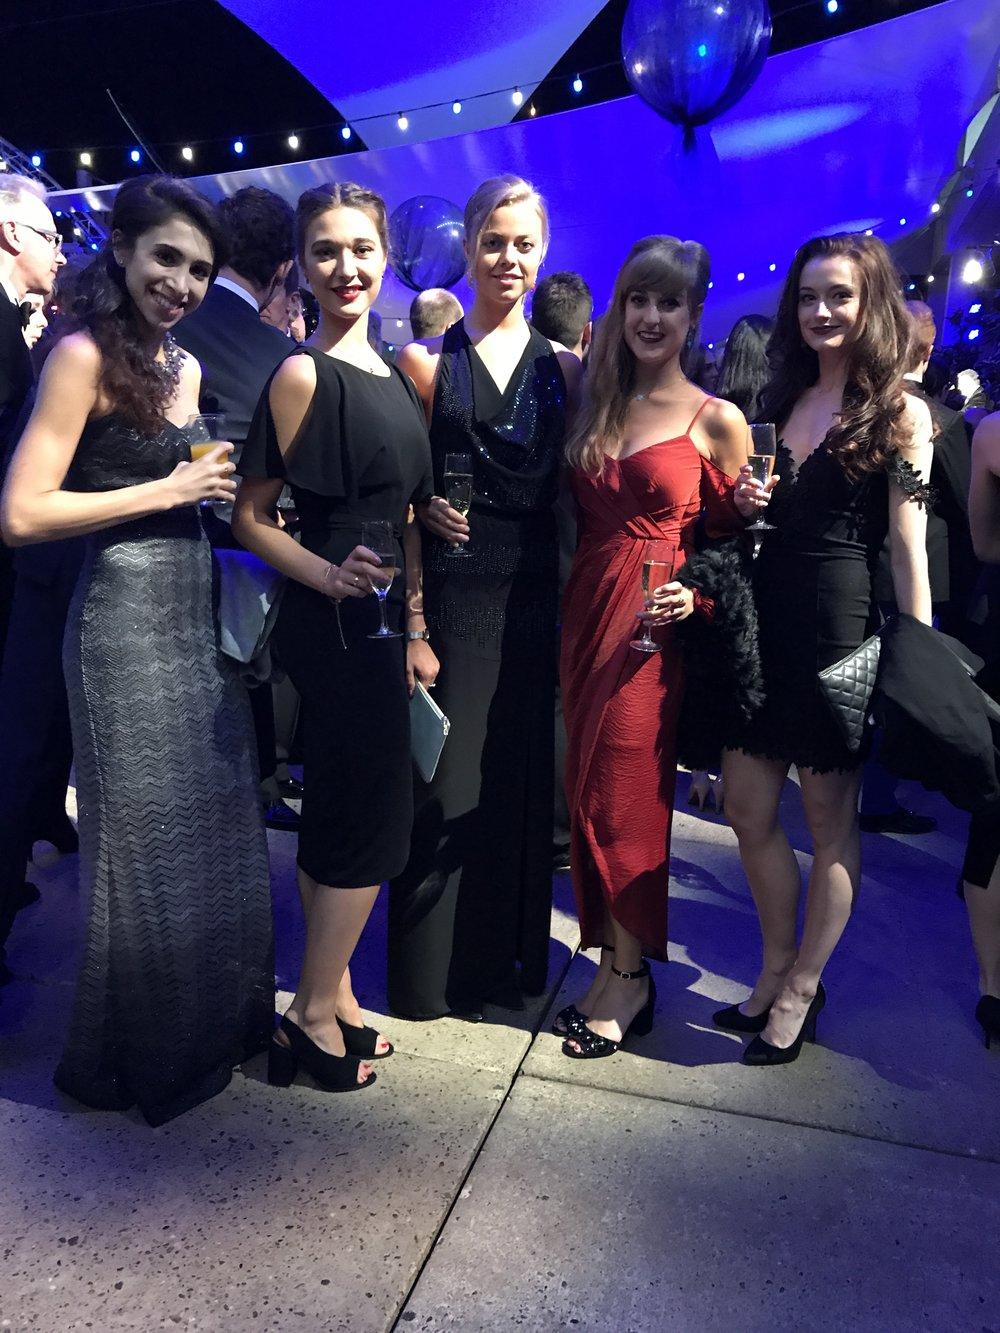 Yasmin, Mica, Gina, Camille & Anna